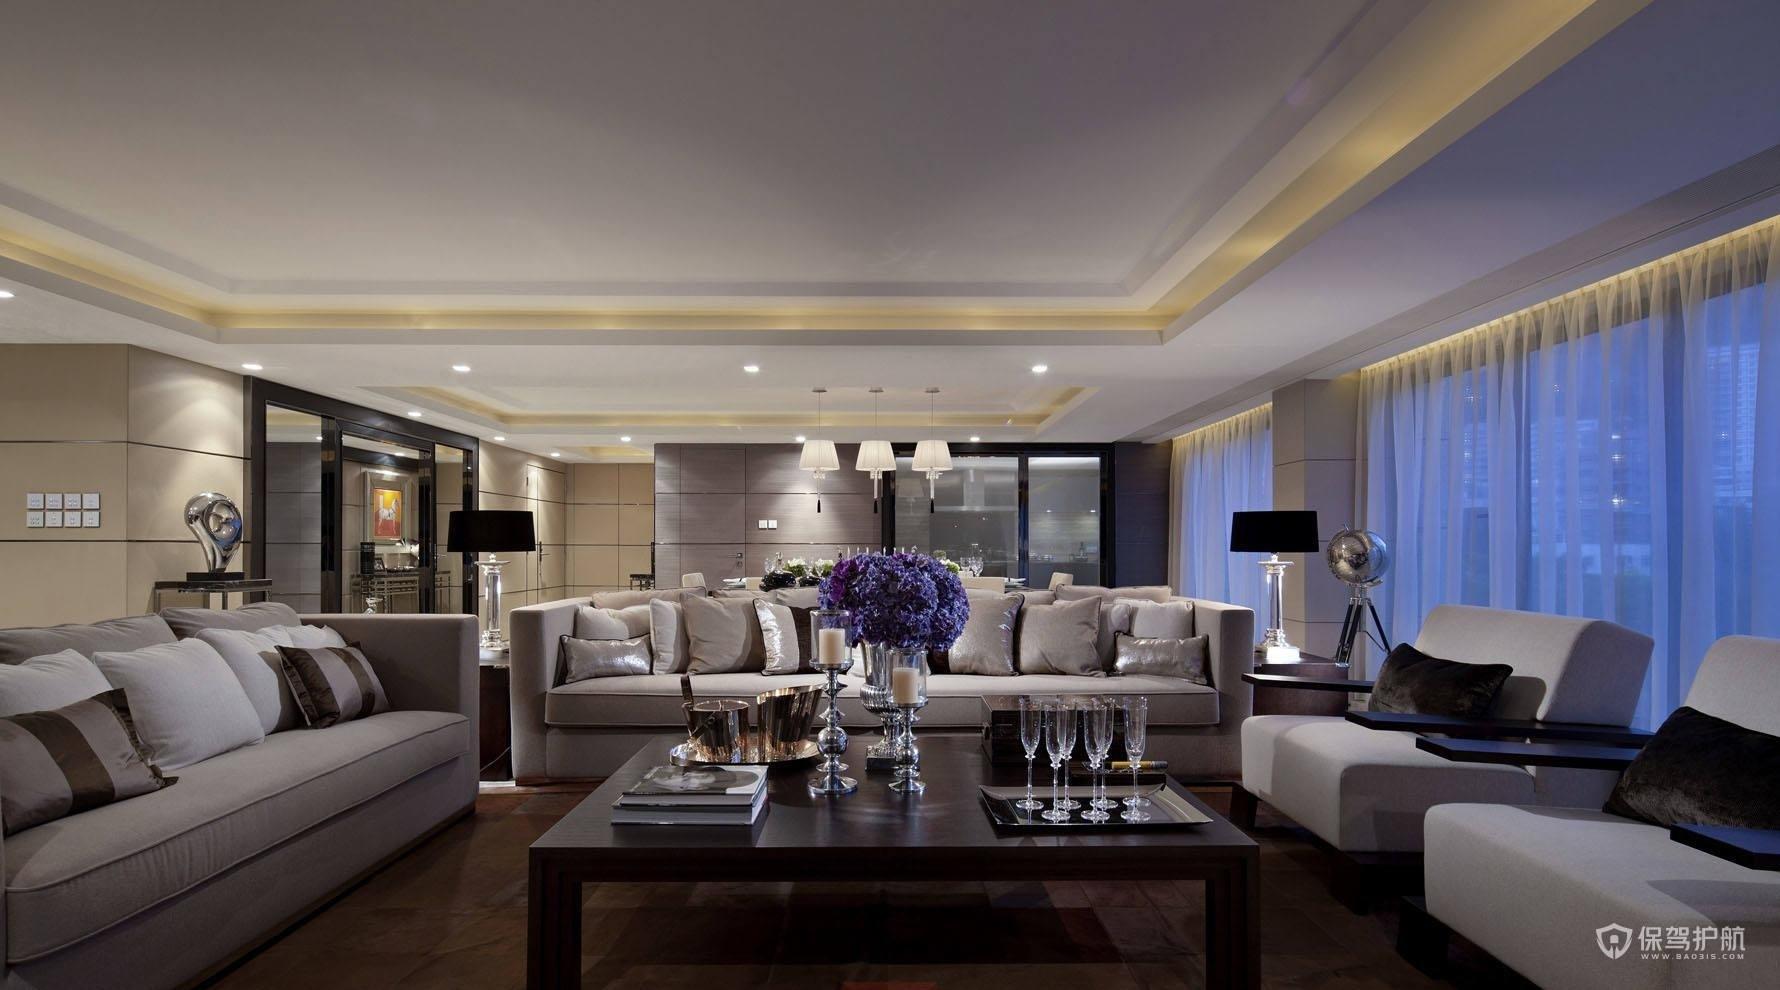 现代风格豪华别墅客厅装修效果图